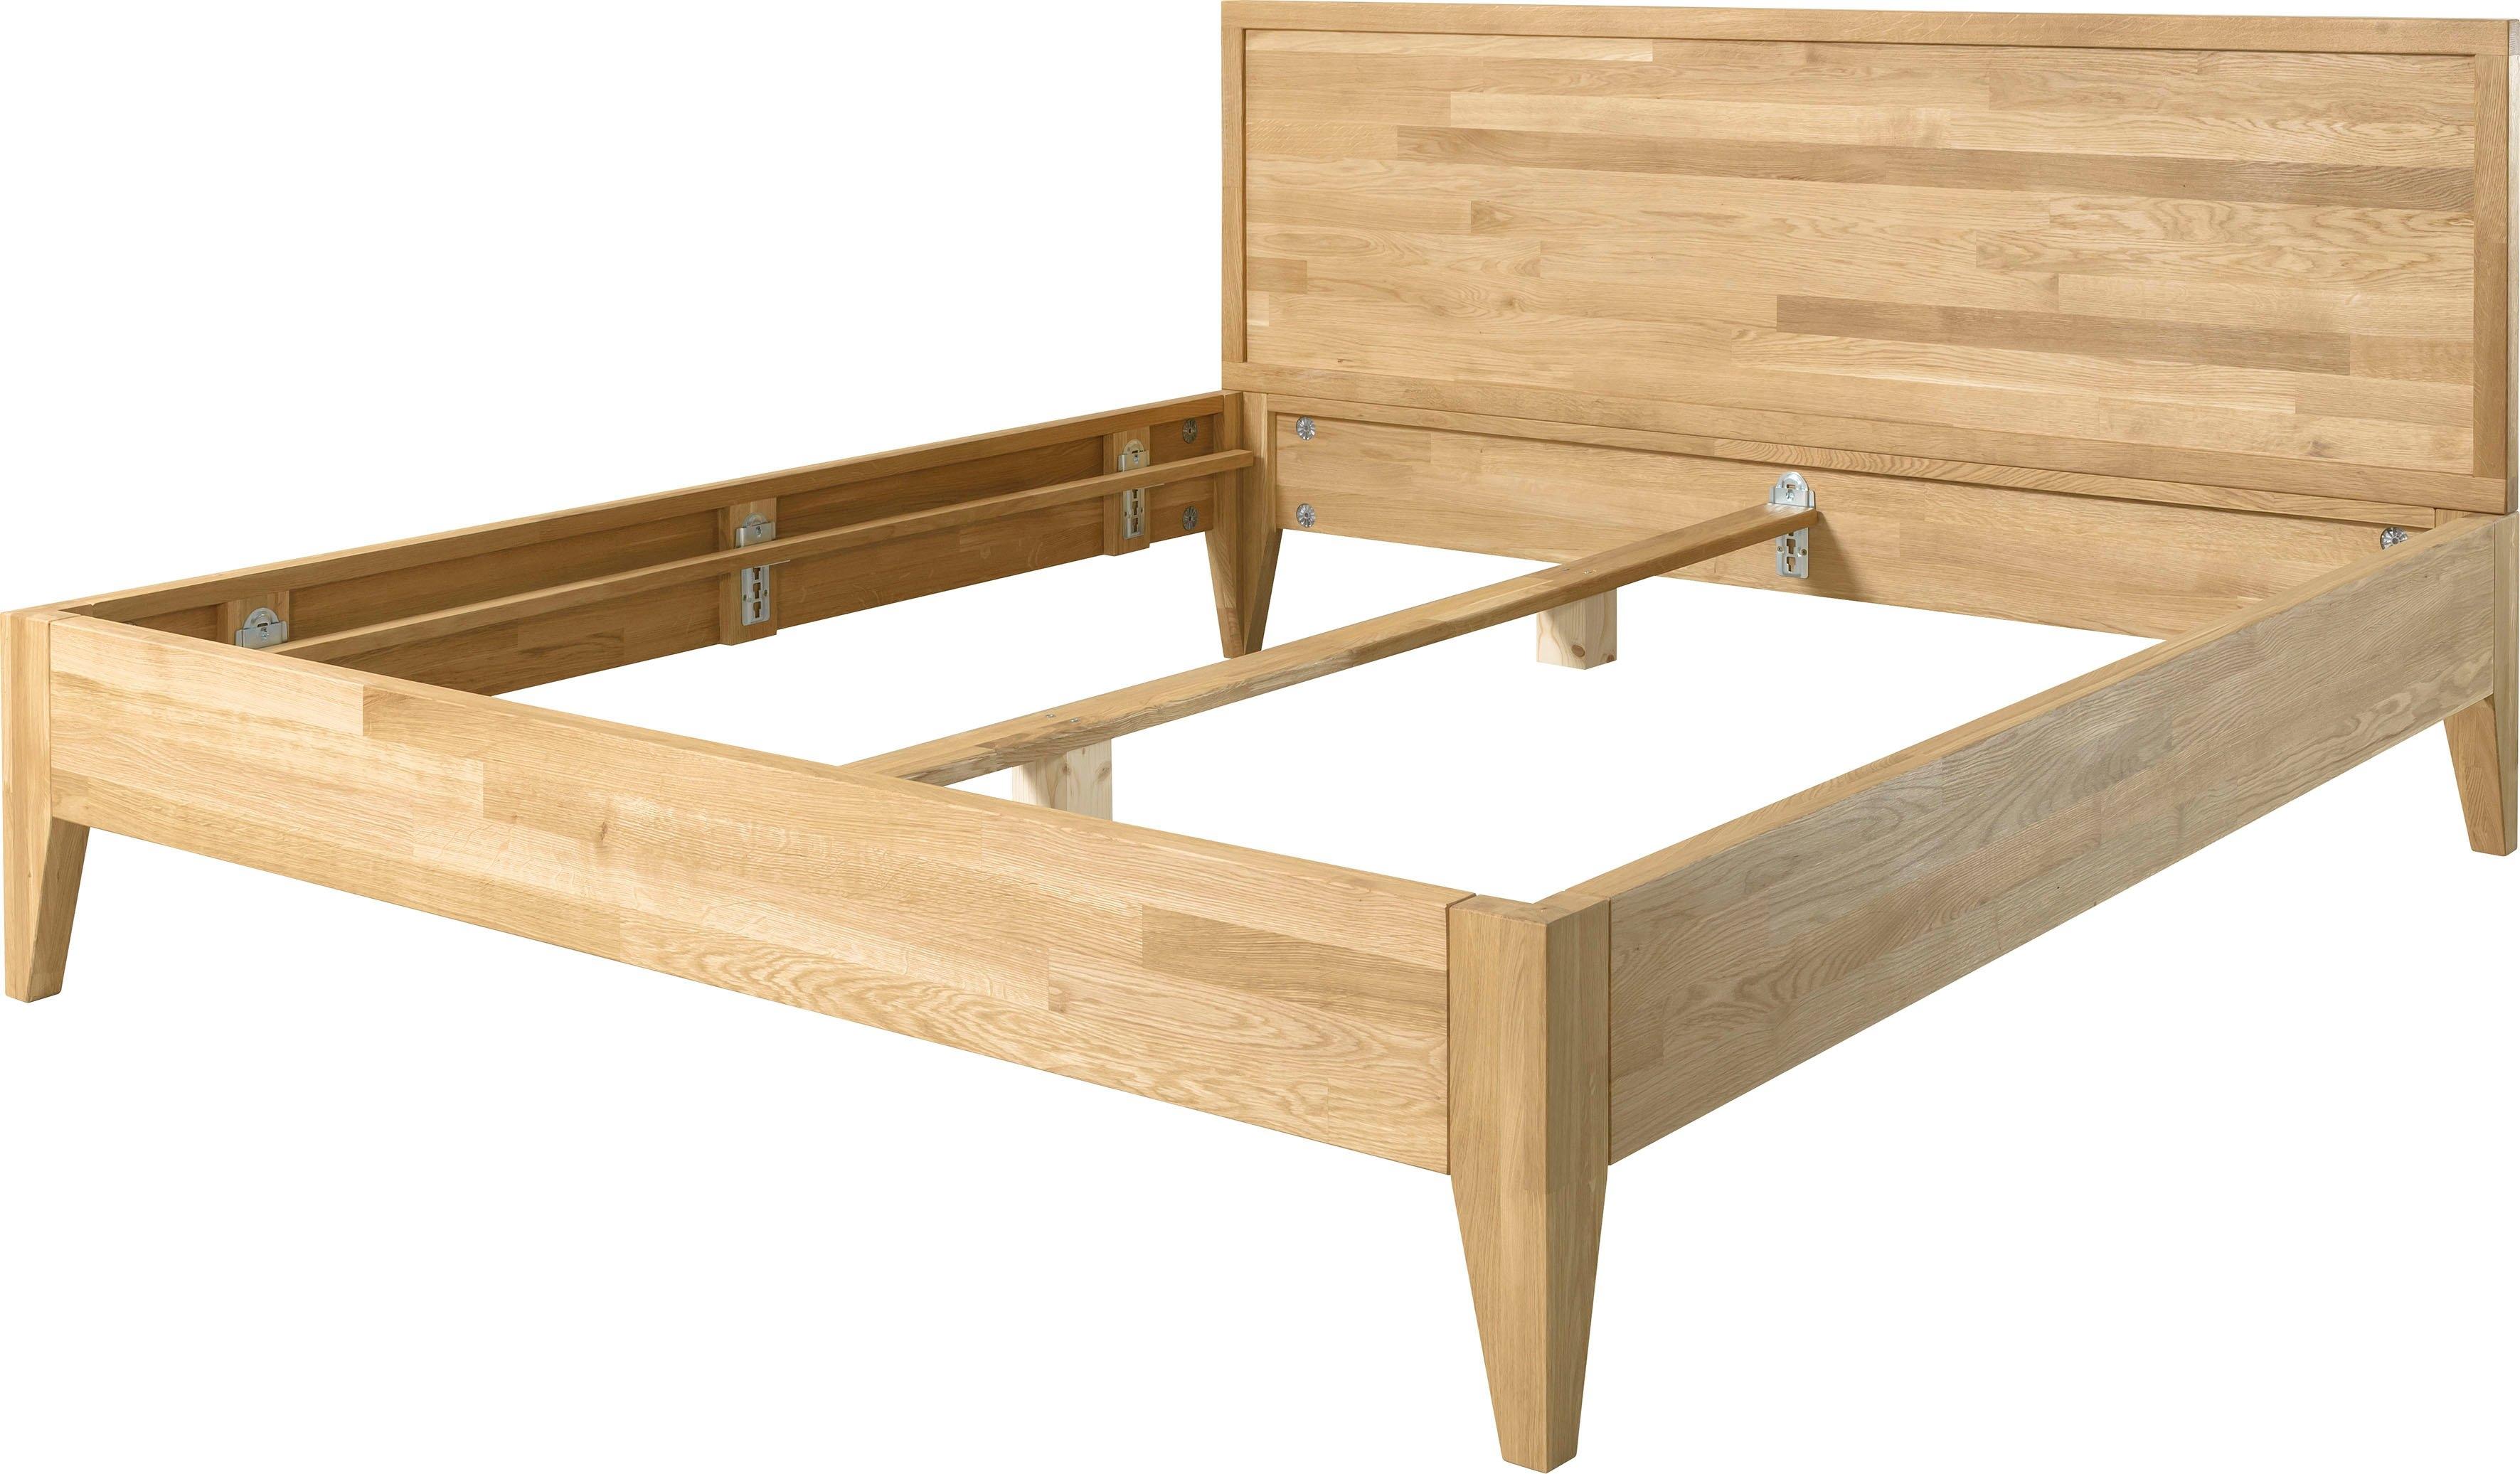 andas bed Runa van massief eikenhout, in verschillende ligoppervlakken te bestellen online kopen op otto.nl